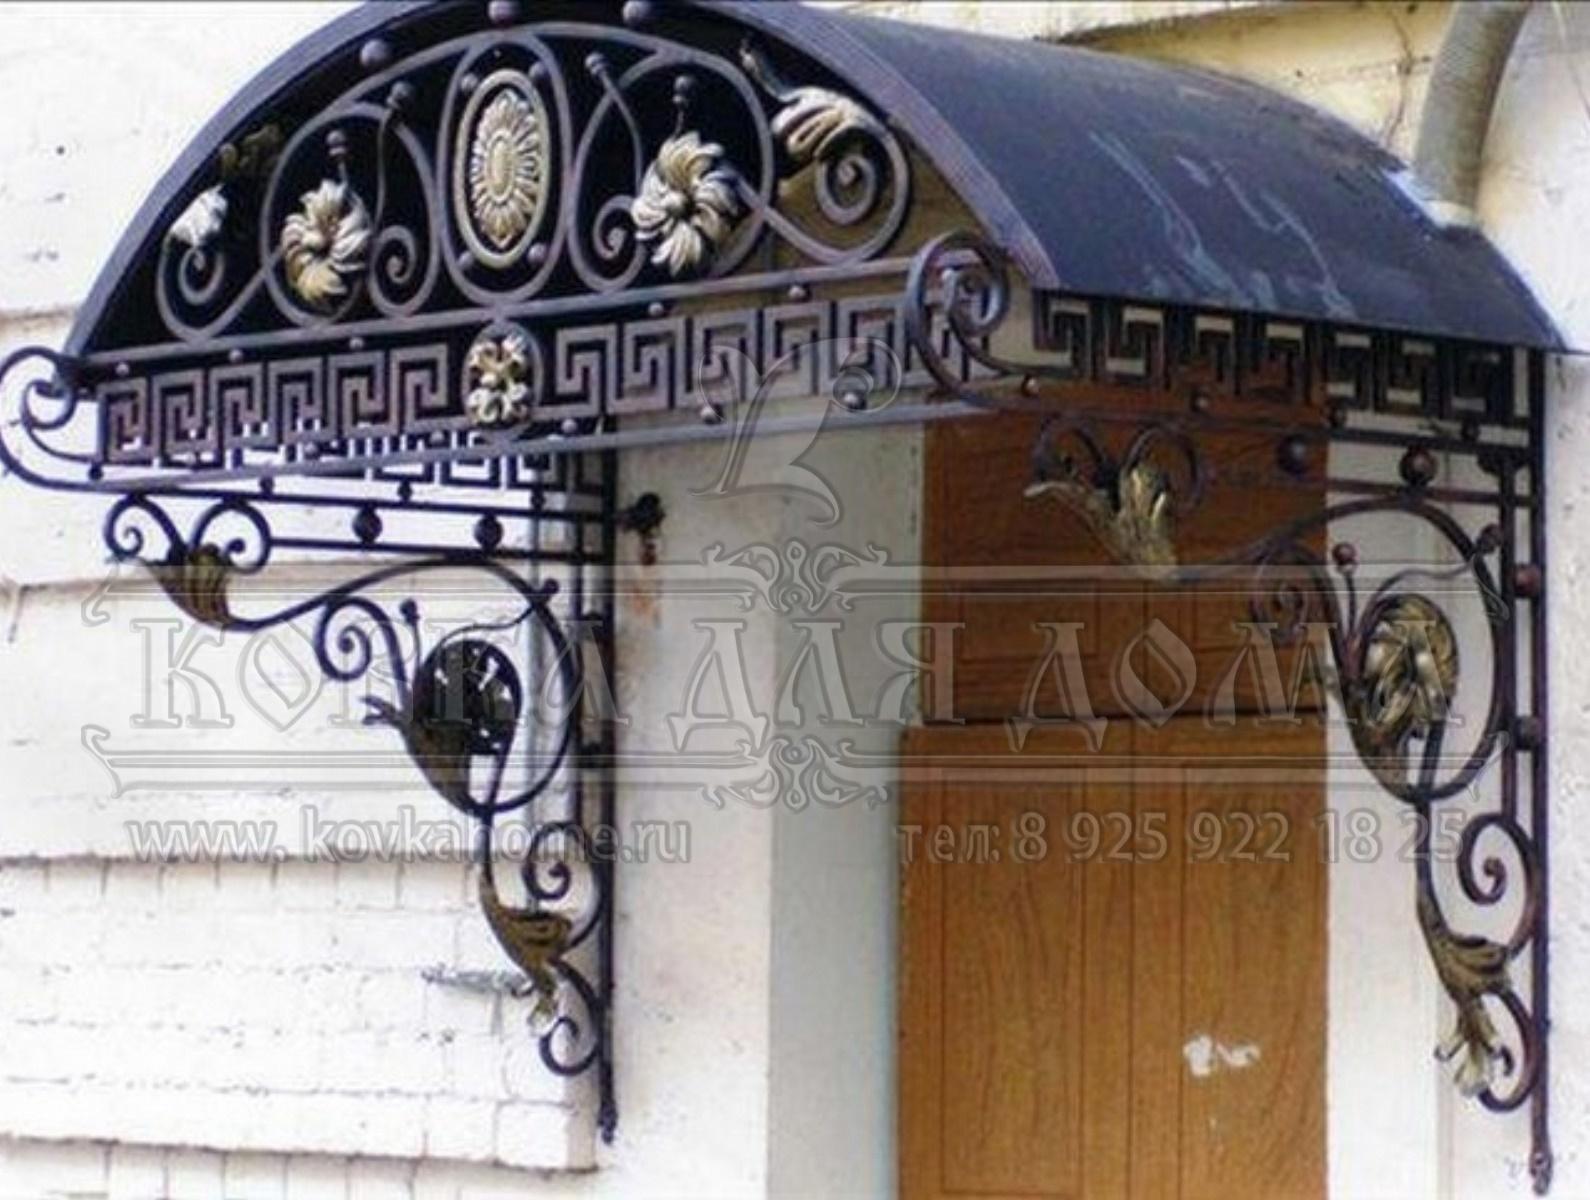 Пример козырек над дверью с коваными элементами №16 из нашего каталога кованых козырьков